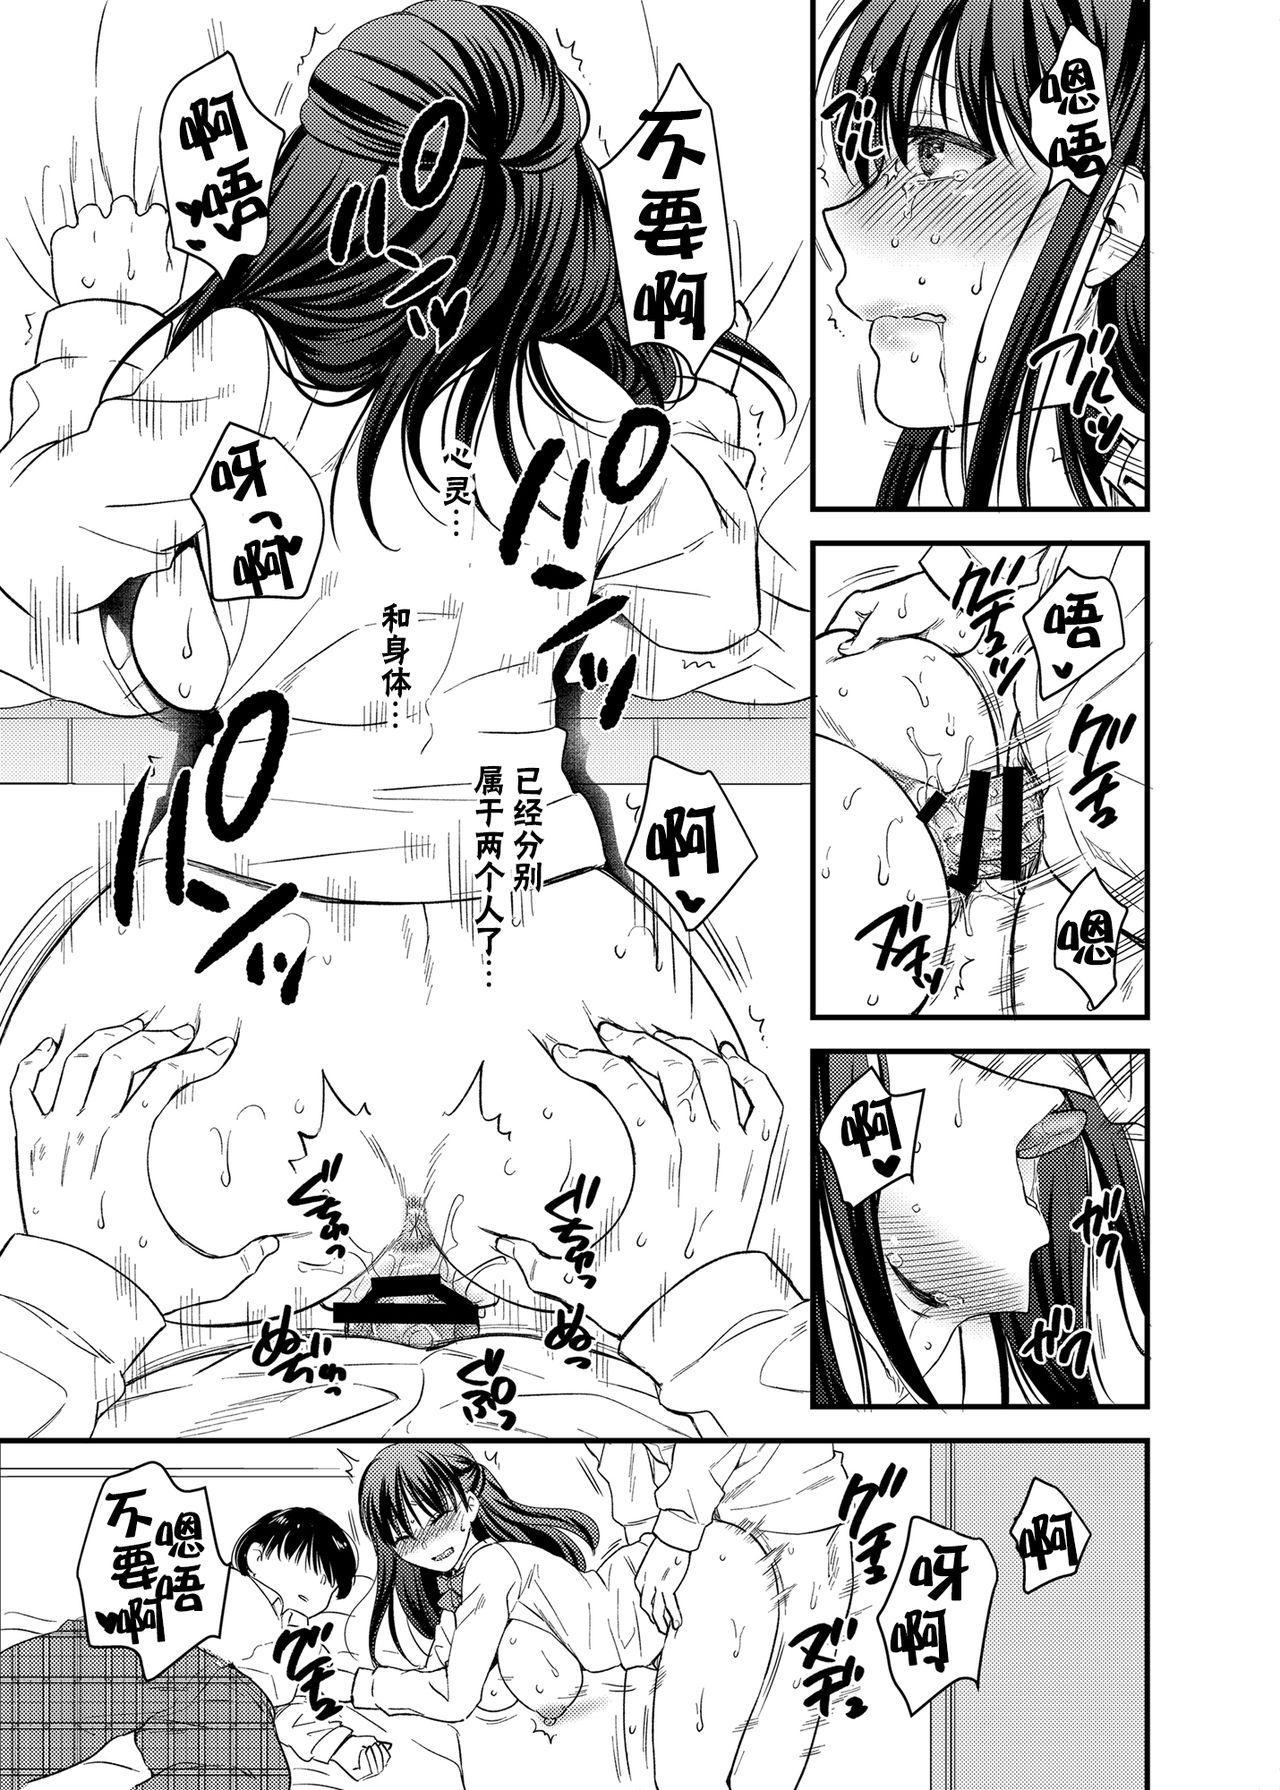 Anata no Shinyuu ni Dakarete 17